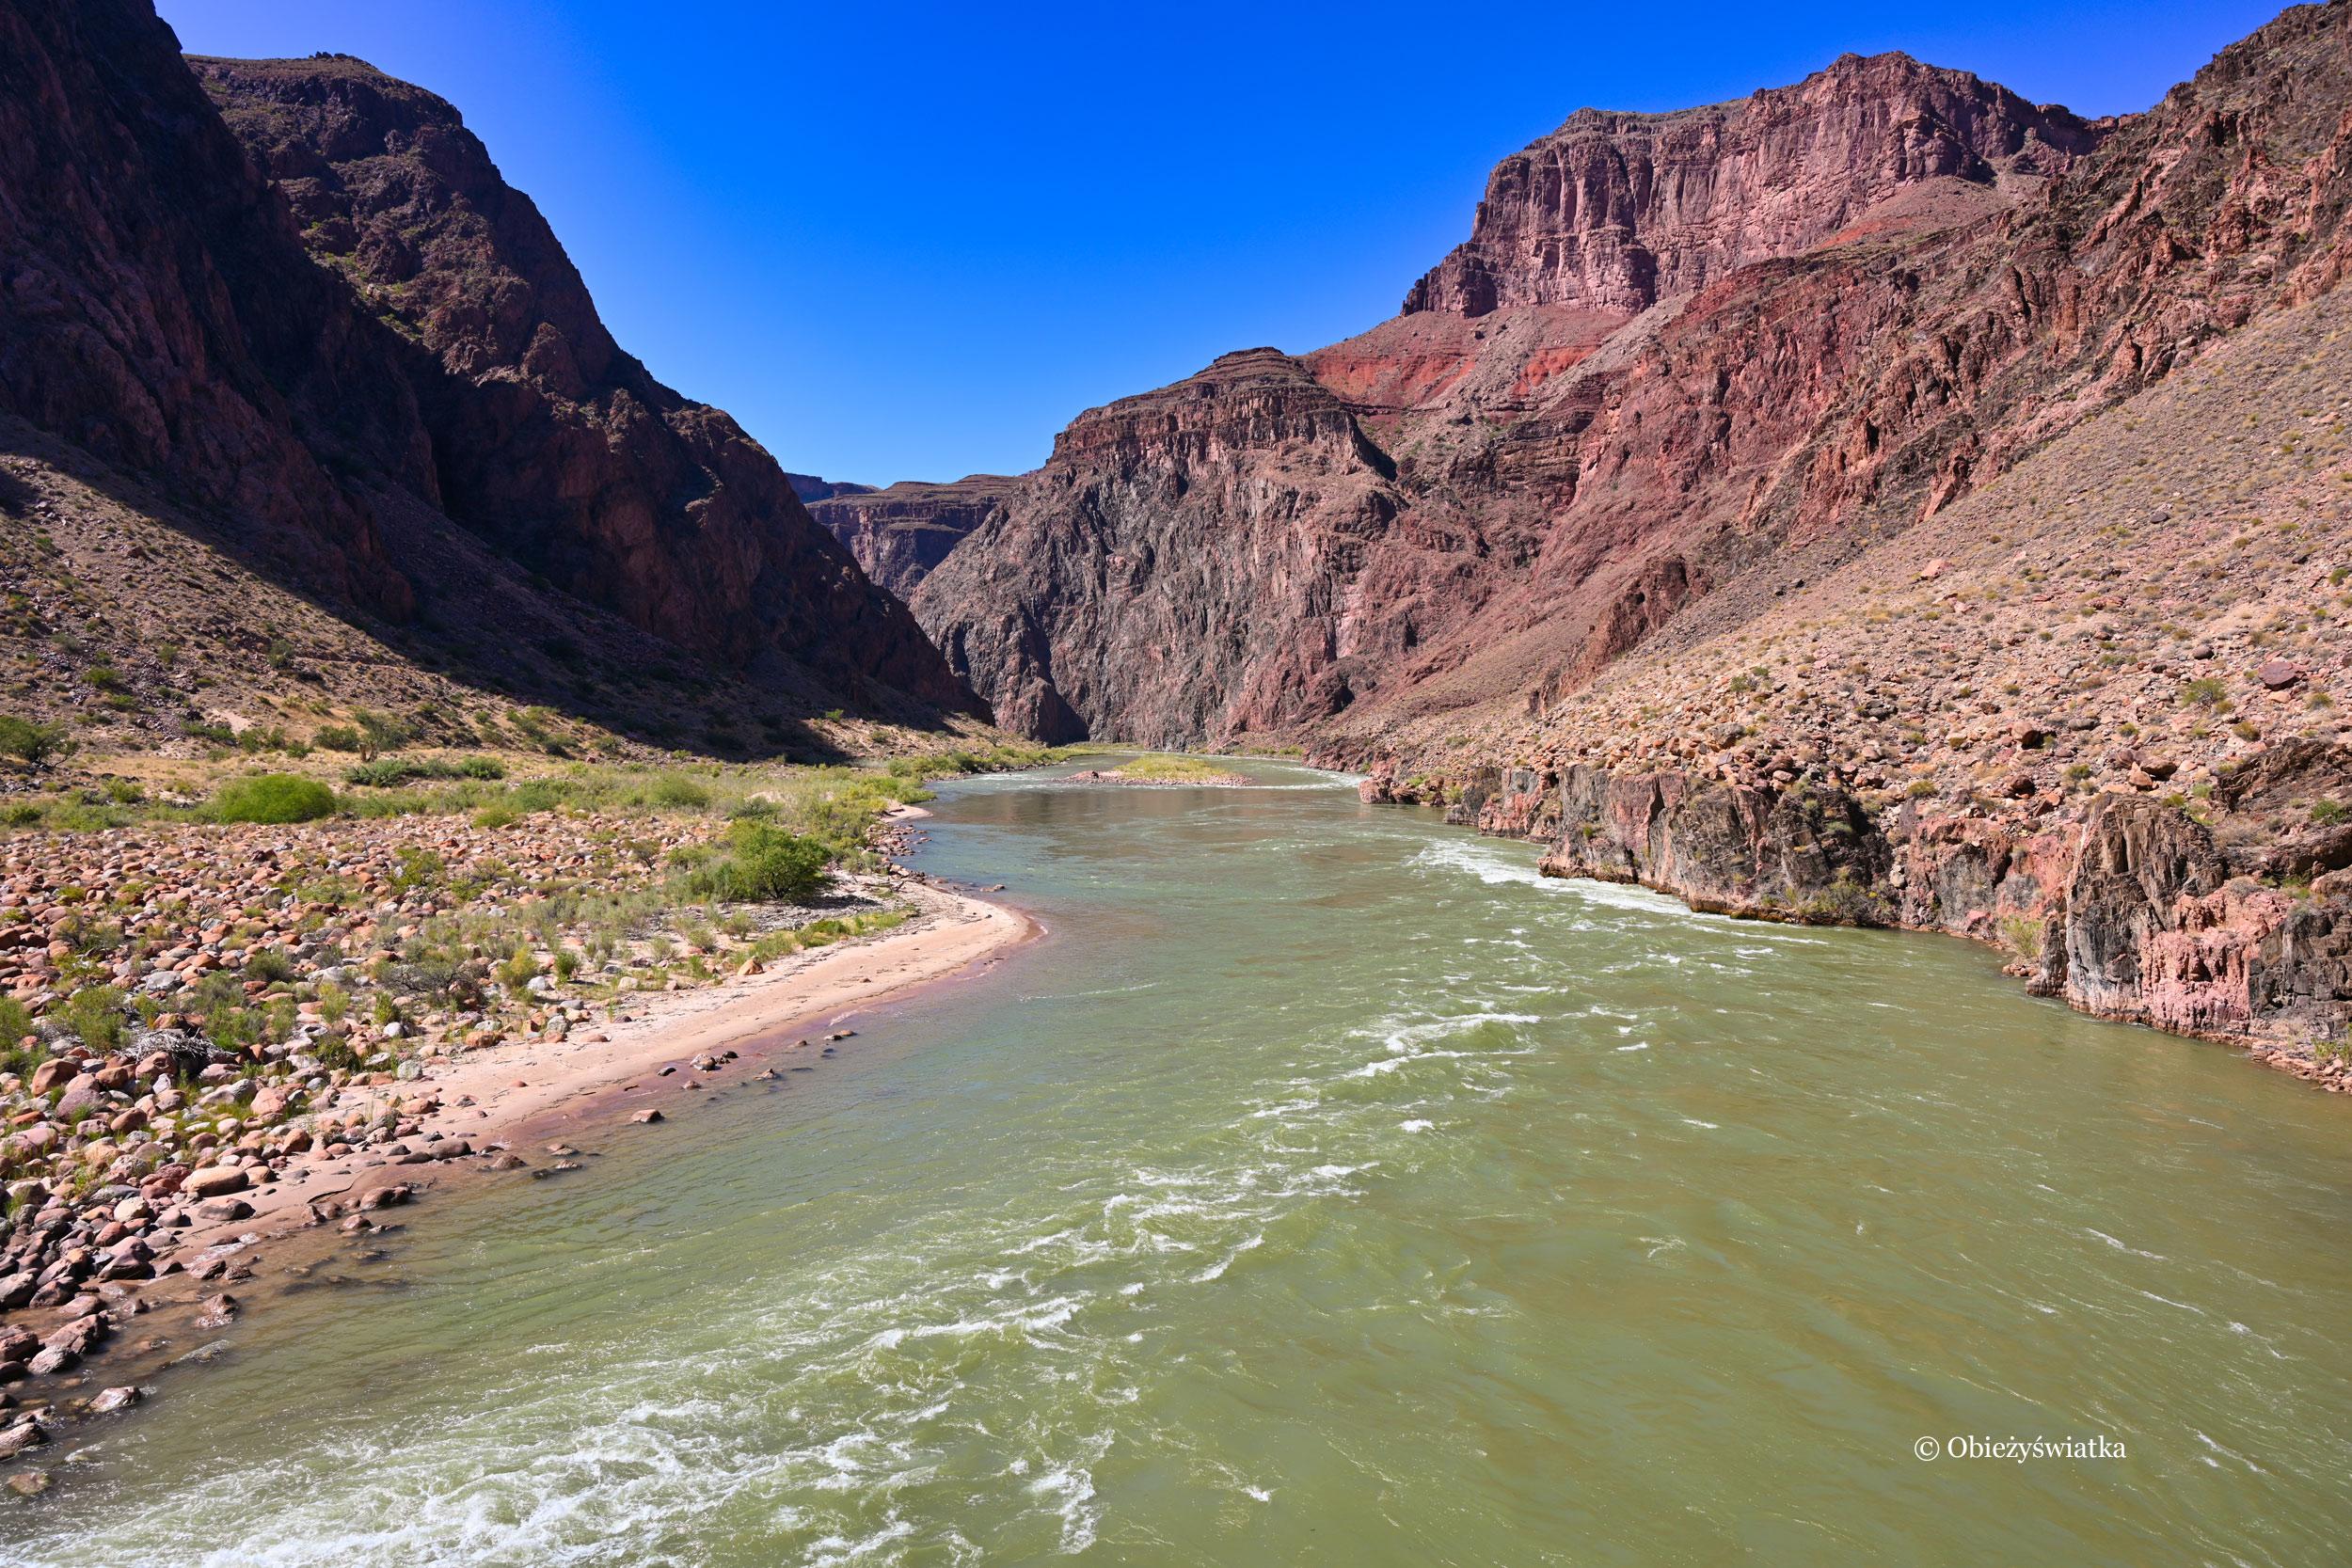 Przechodząc przez rzekę Kolorado w Wielkim Kanionie - Colorado River in the Grand Canyon, Arizona